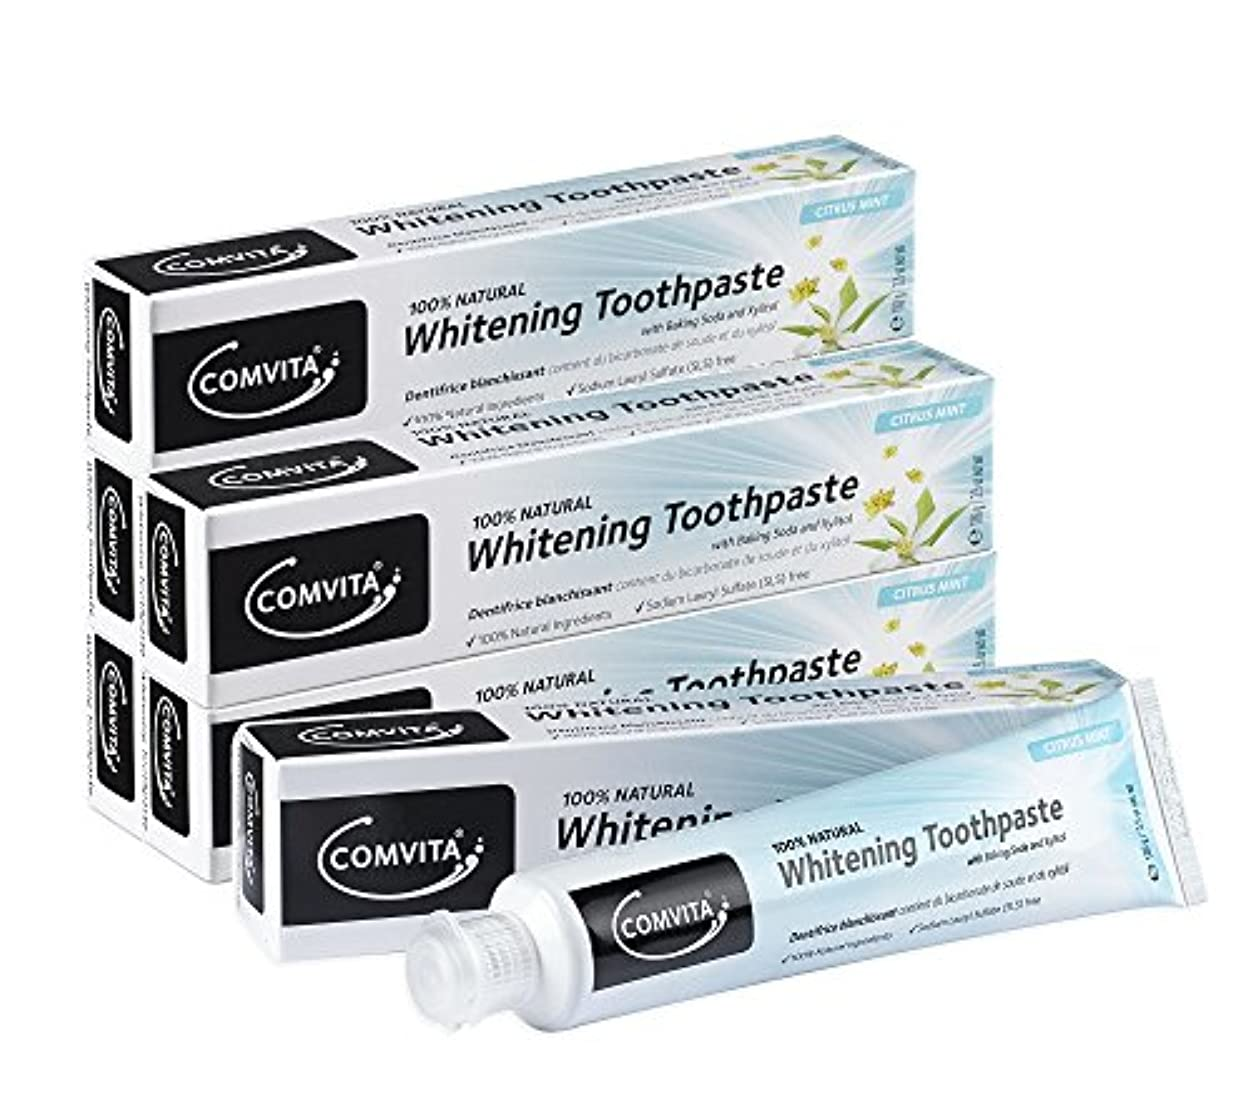 温かい心から薄いですホワイトニング歯磨き コンビタ 100g お得な6本セット whitening toothpaste